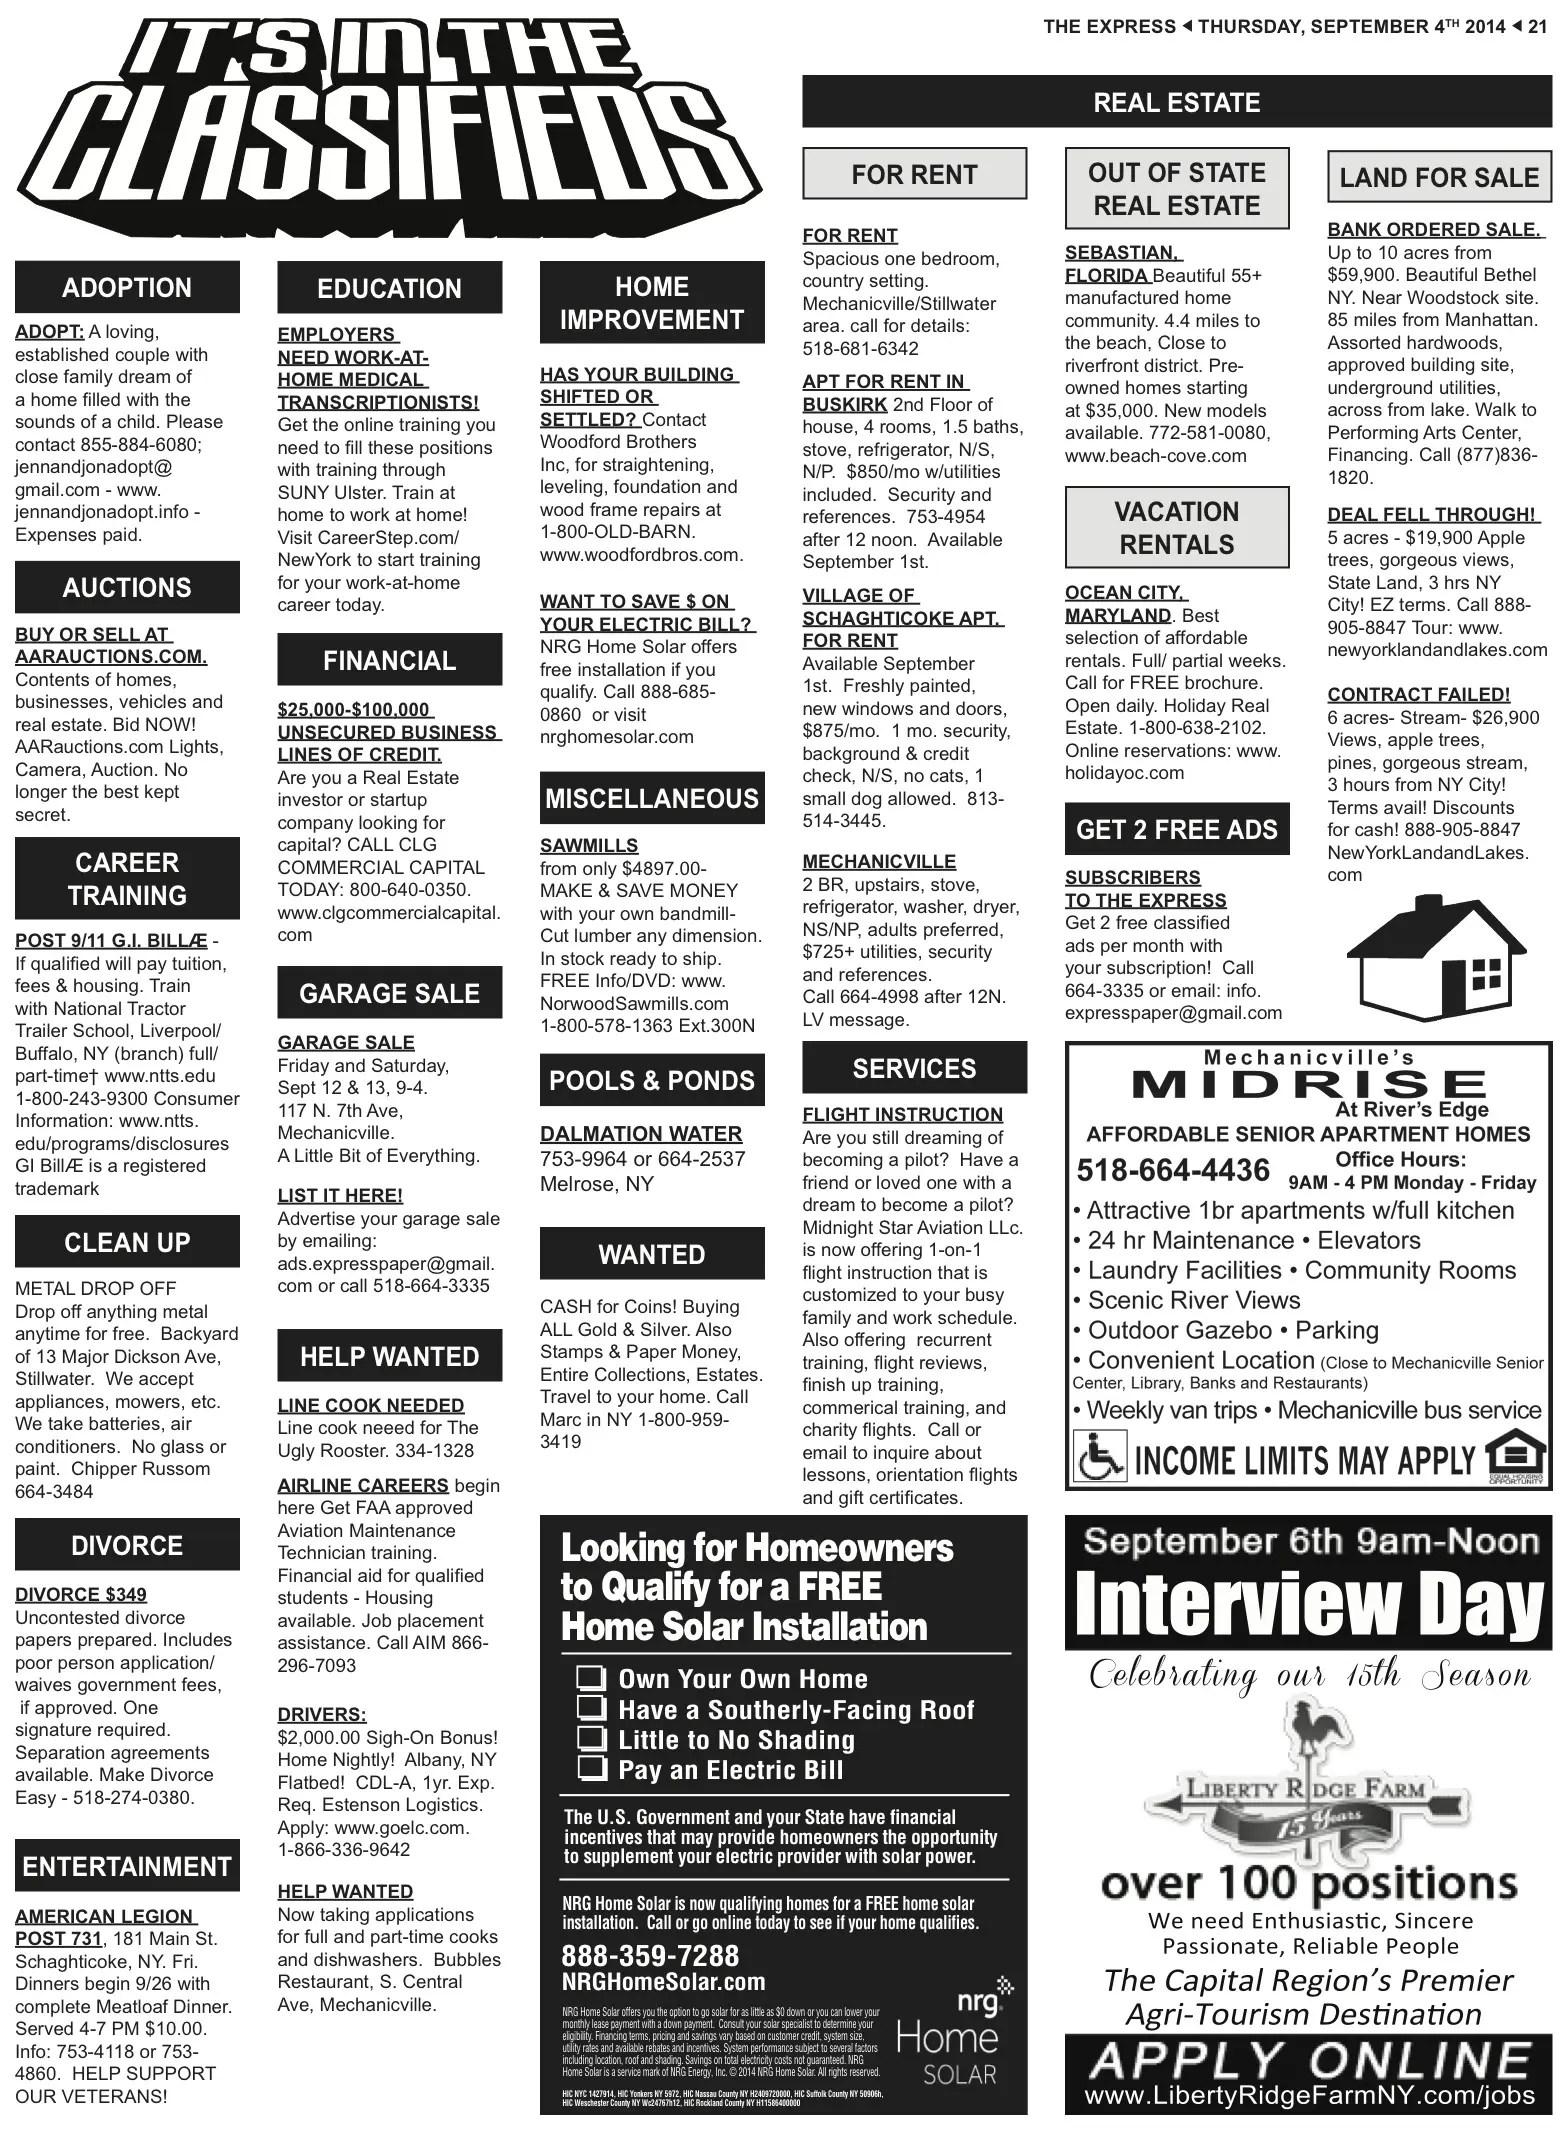 TheExpress 09-04-14_FULL